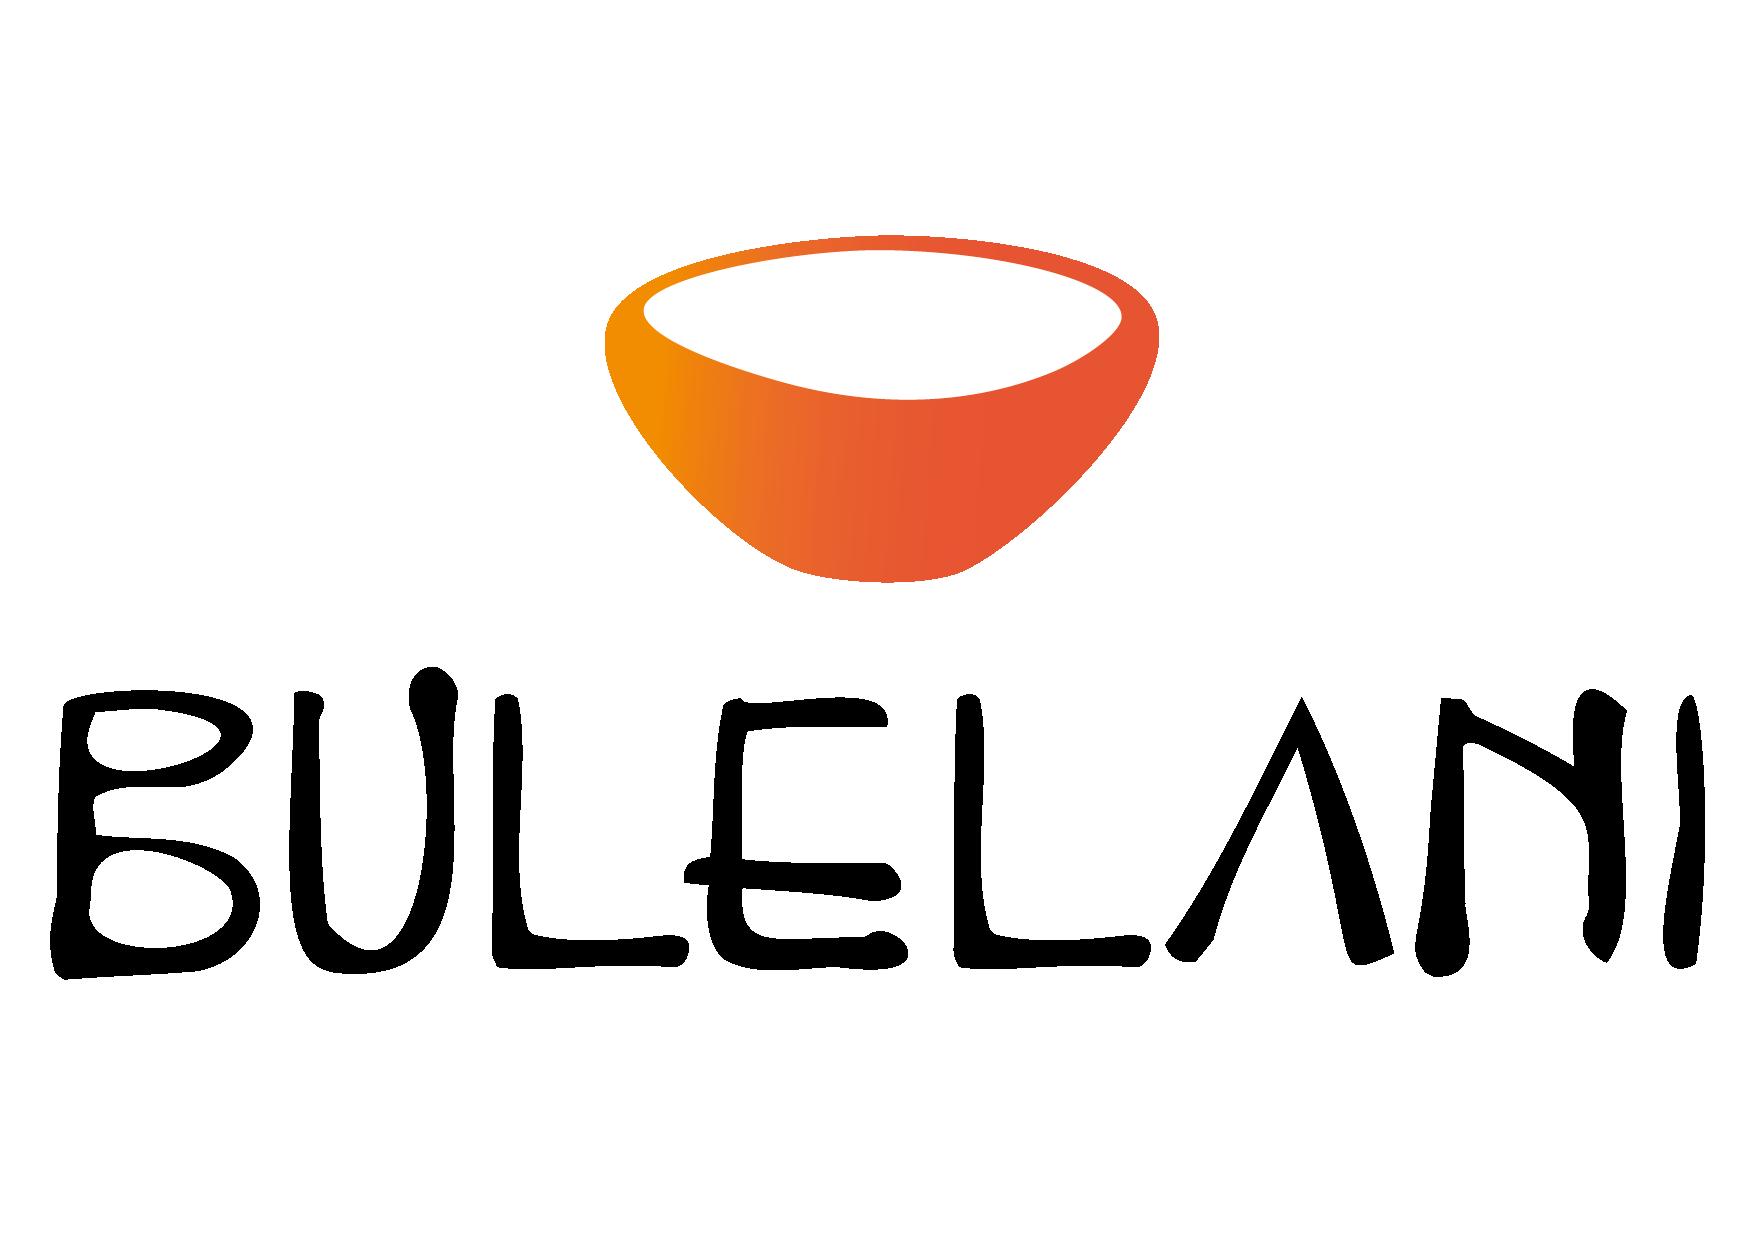 zacher media logo relaunch aus köln